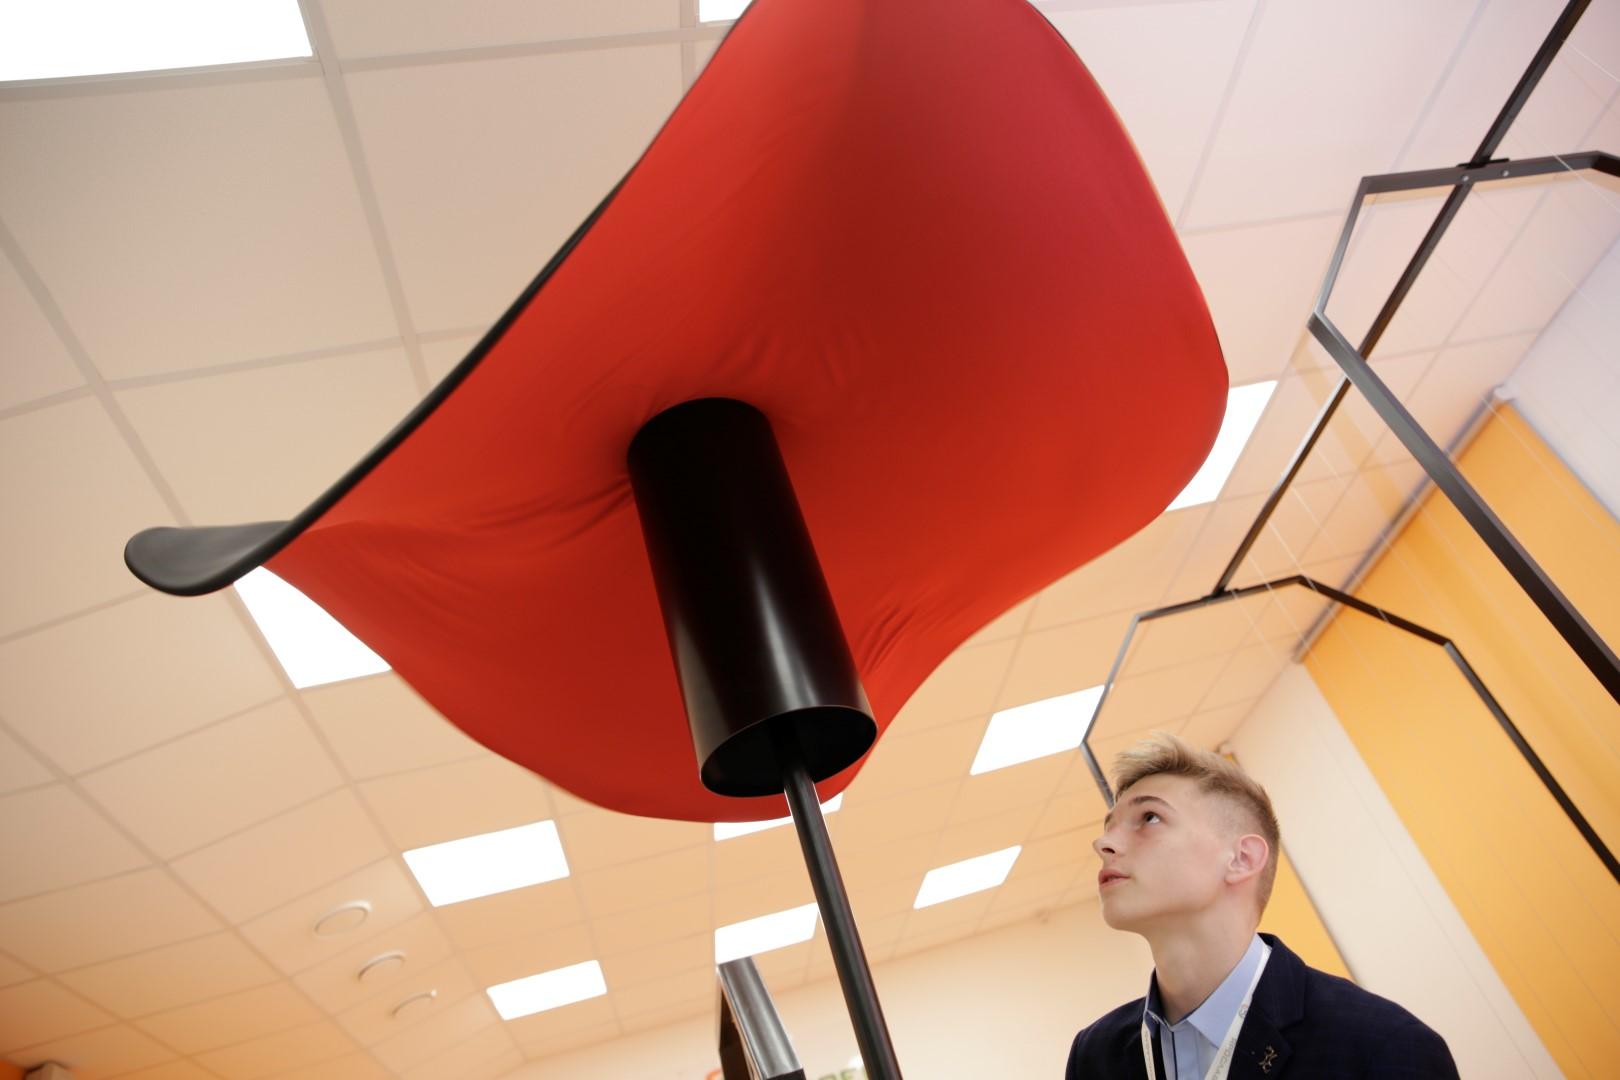 Дмитрий Миронов: сегодня мы открыли в регионе второй детский технопарк «Кванториум»